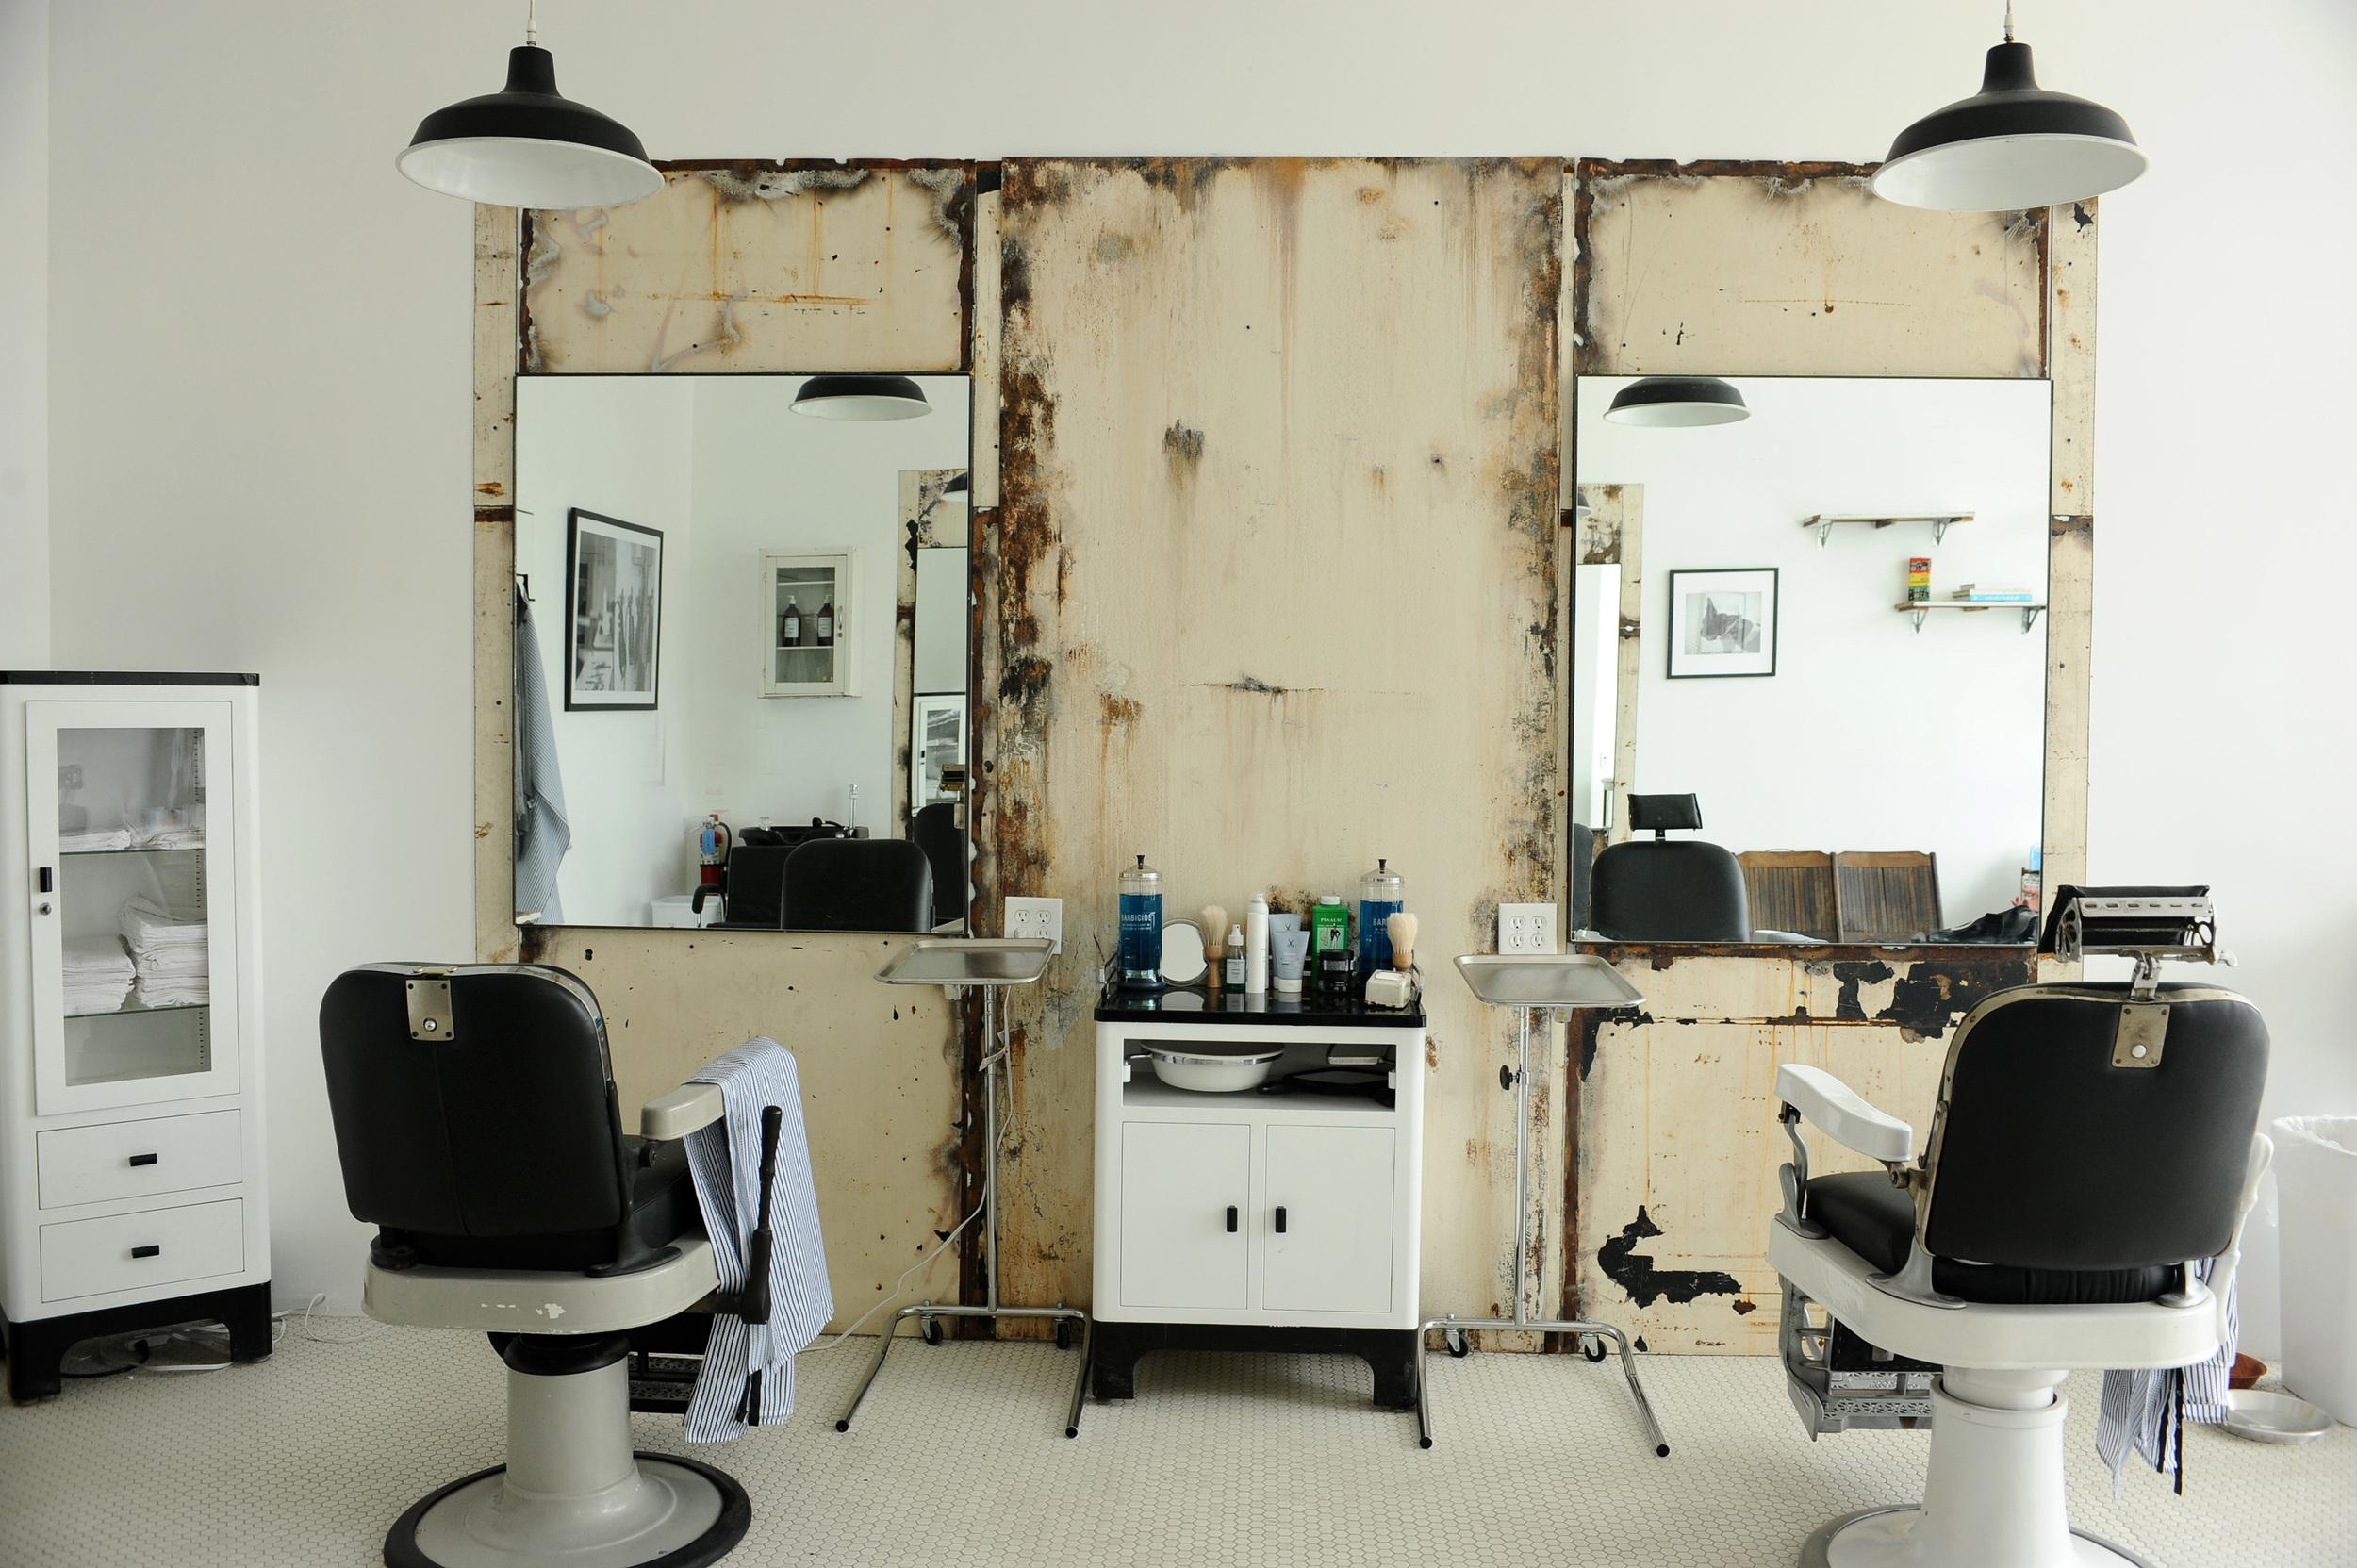 blind-barber-shop.jpg